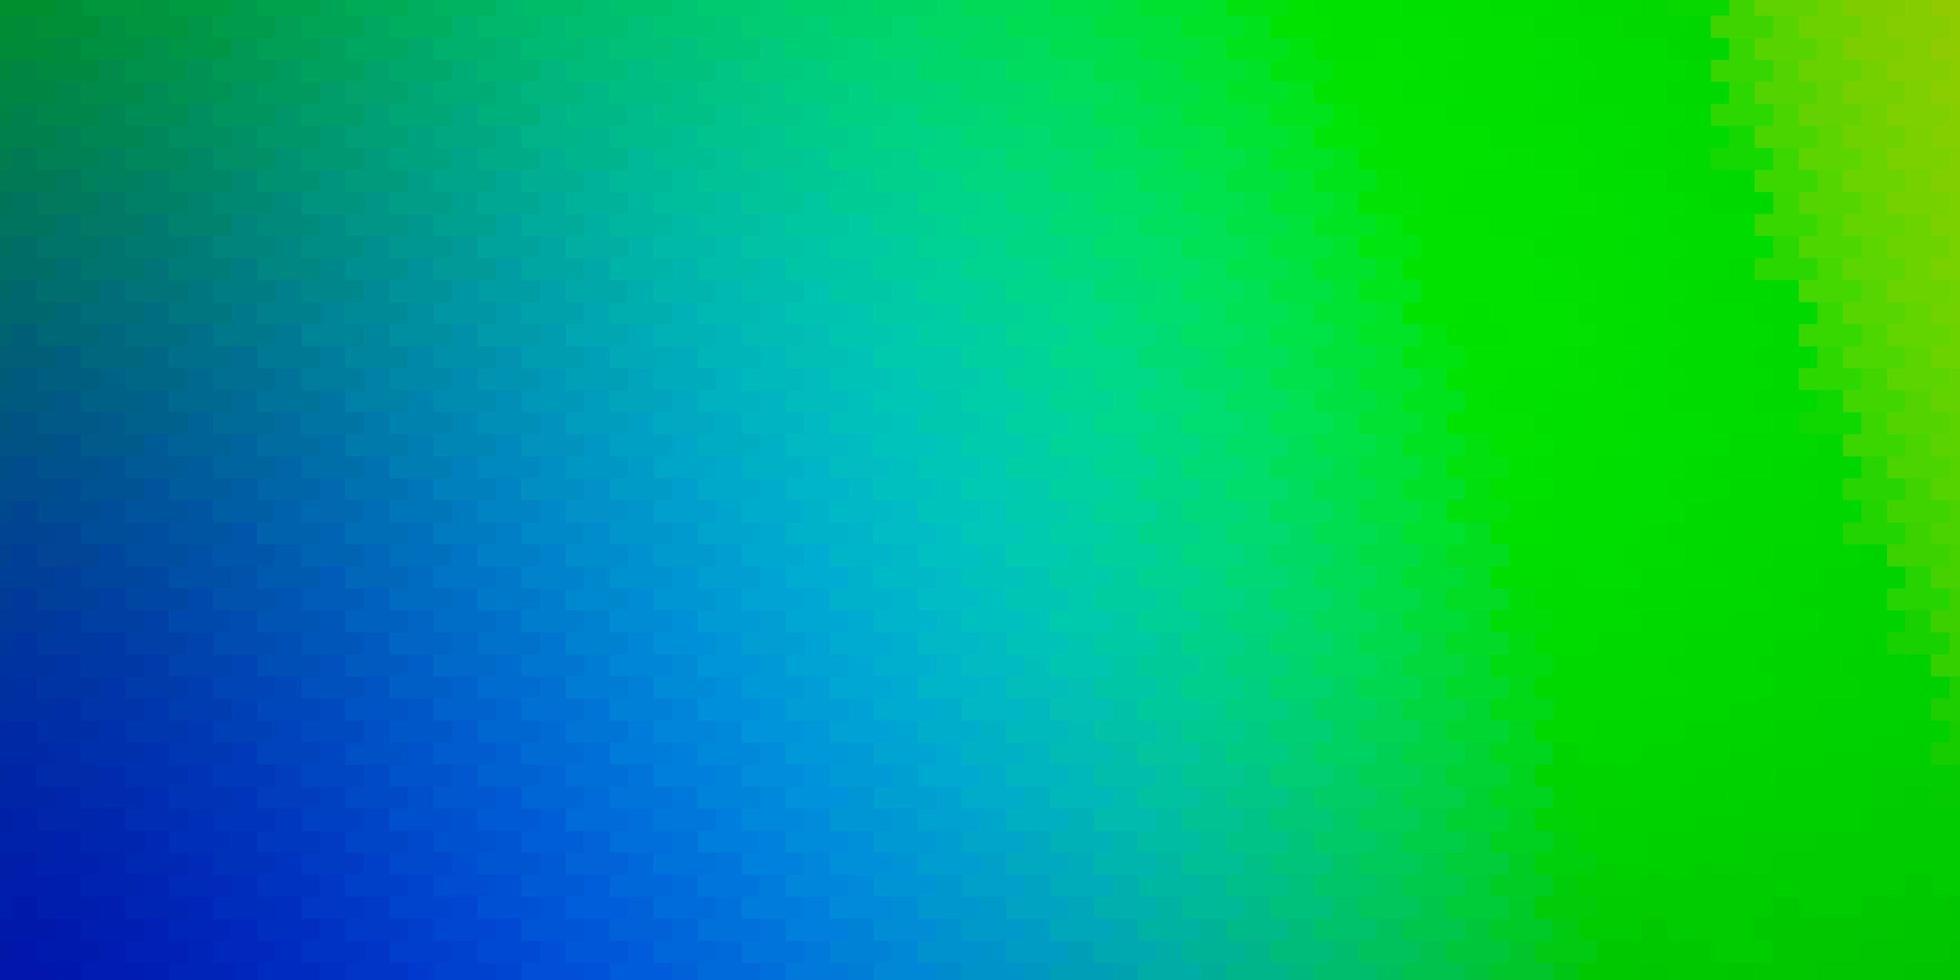 de fundo vector azul e verde claro em estilo poligonal.